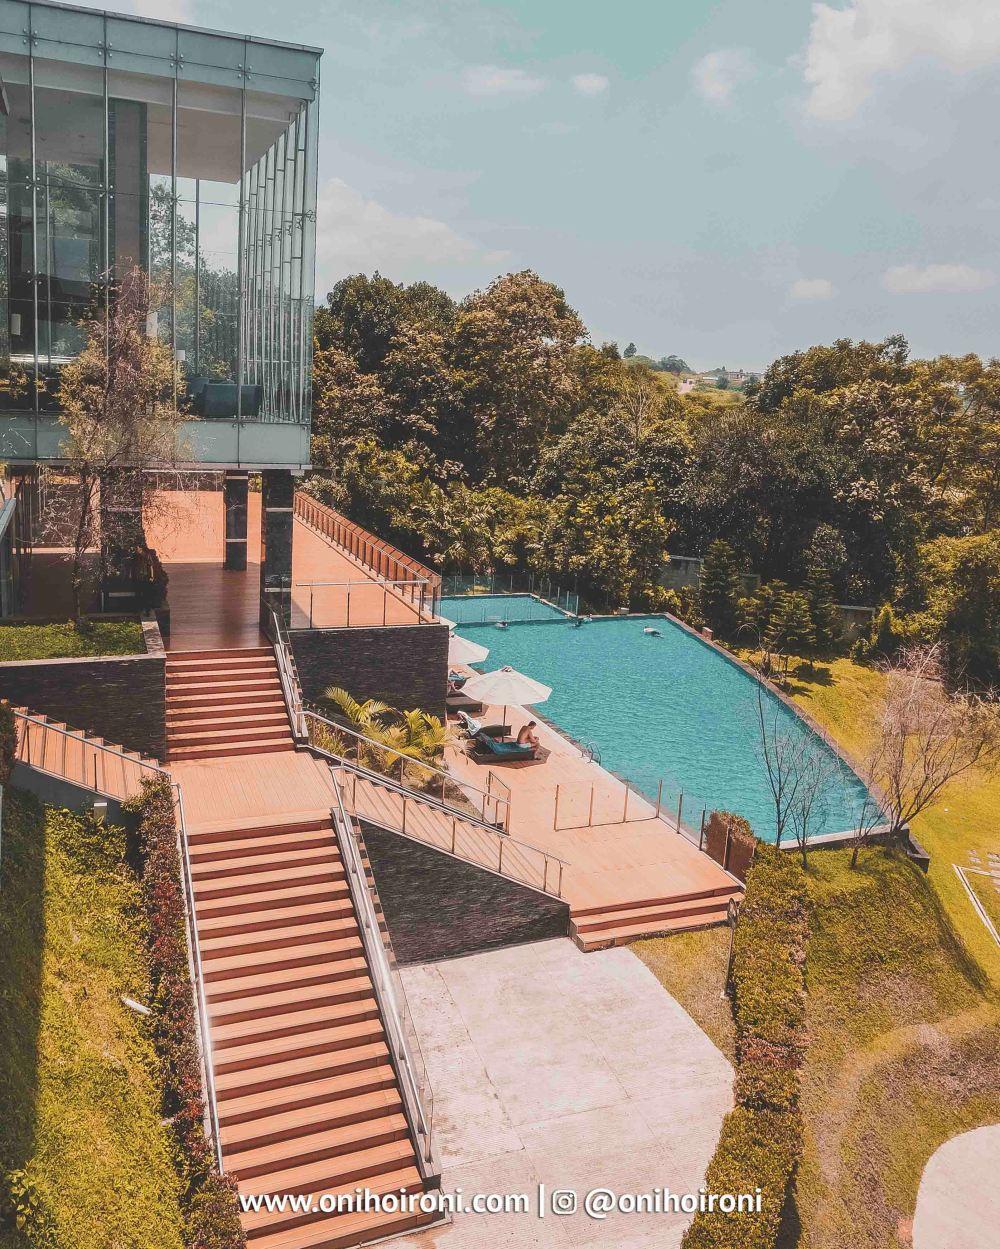 3 Swimming Pool Intercontinental Bandung Oni Hoironi